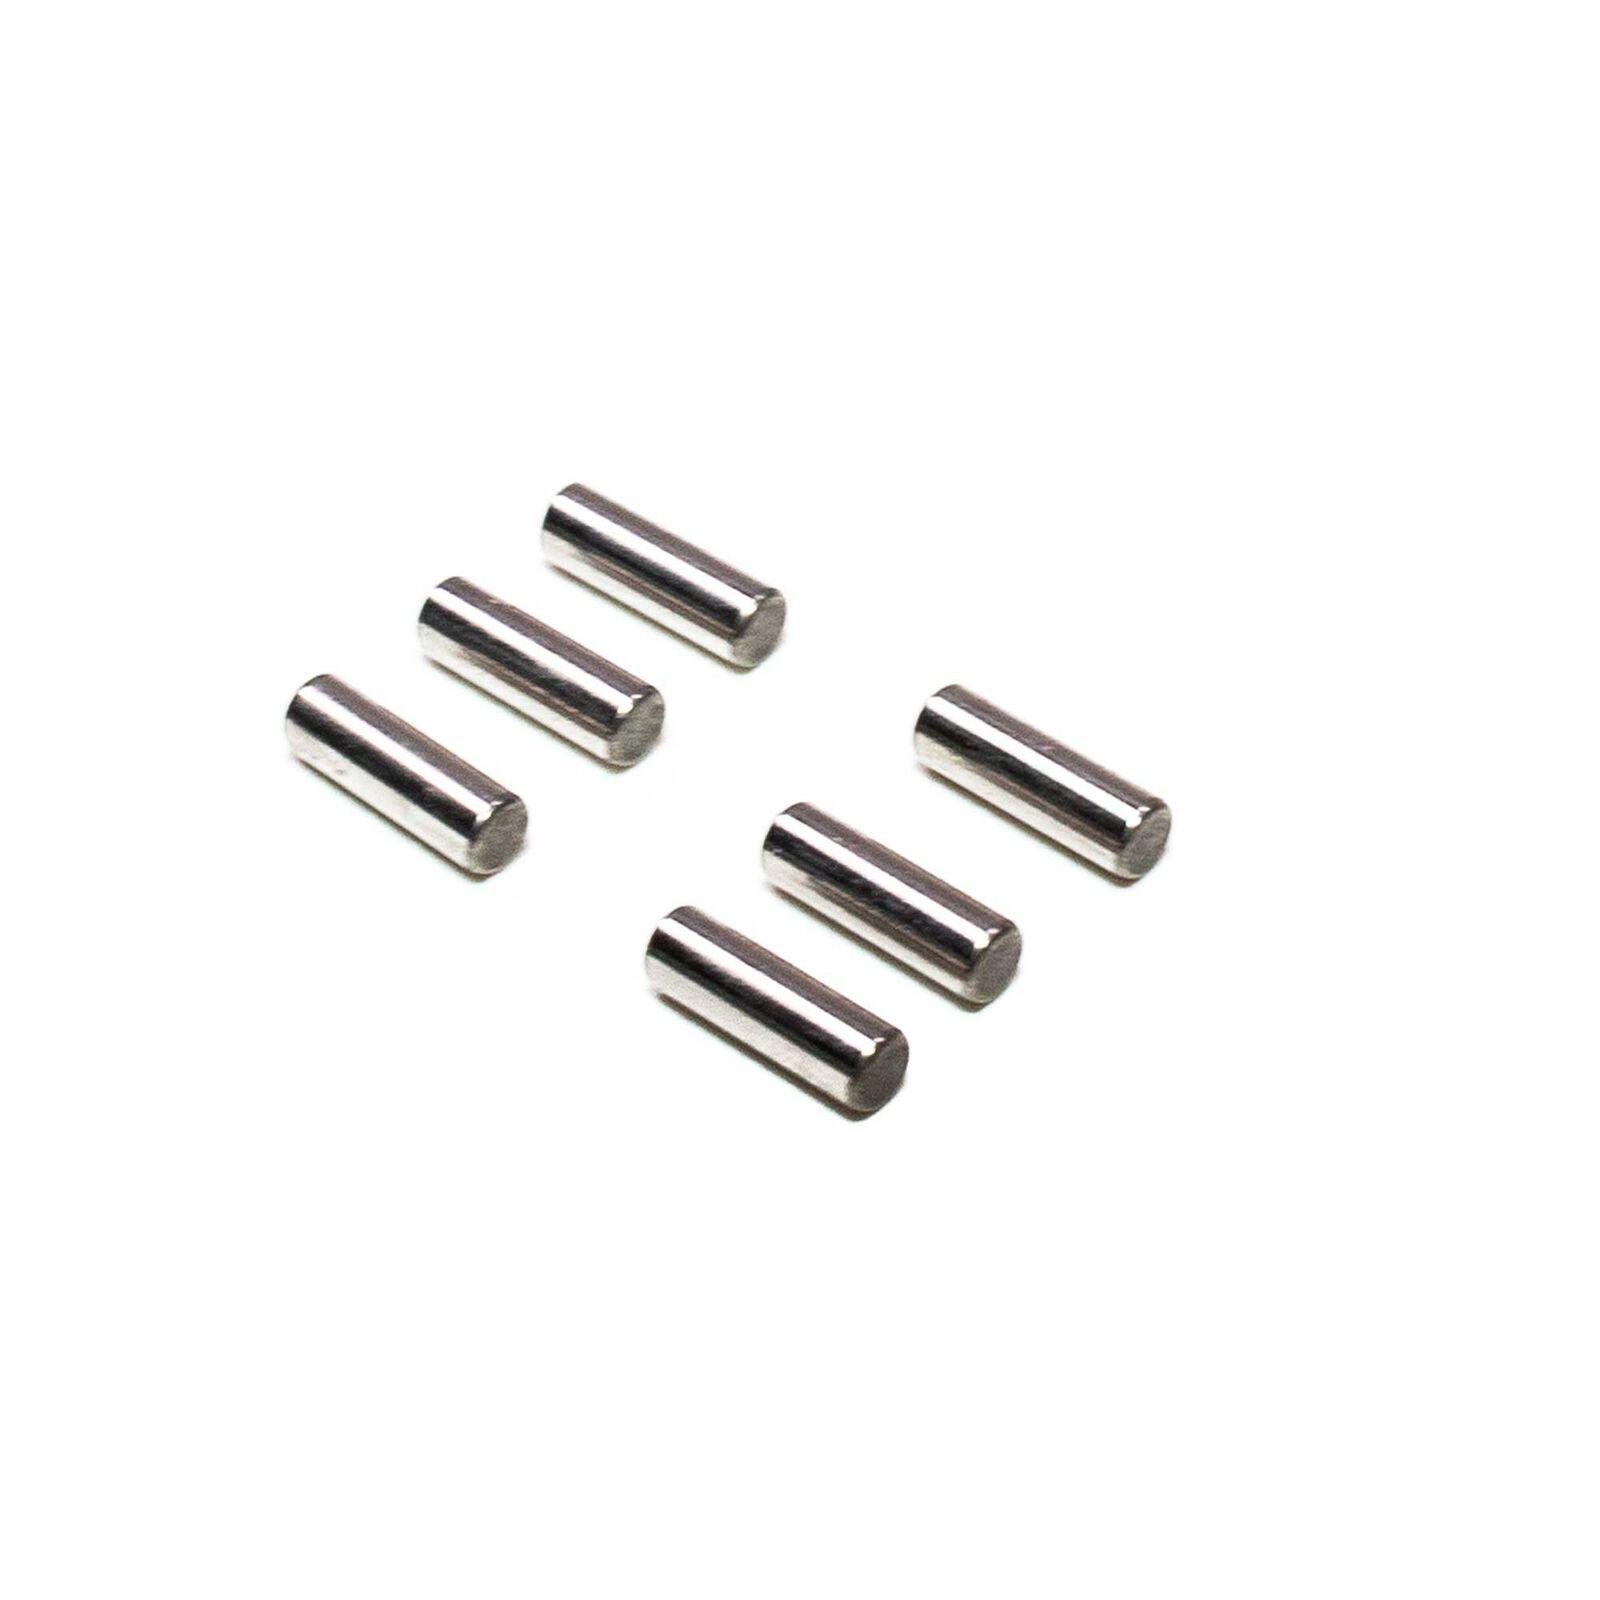 M2.5 x 8mm Pins (6)